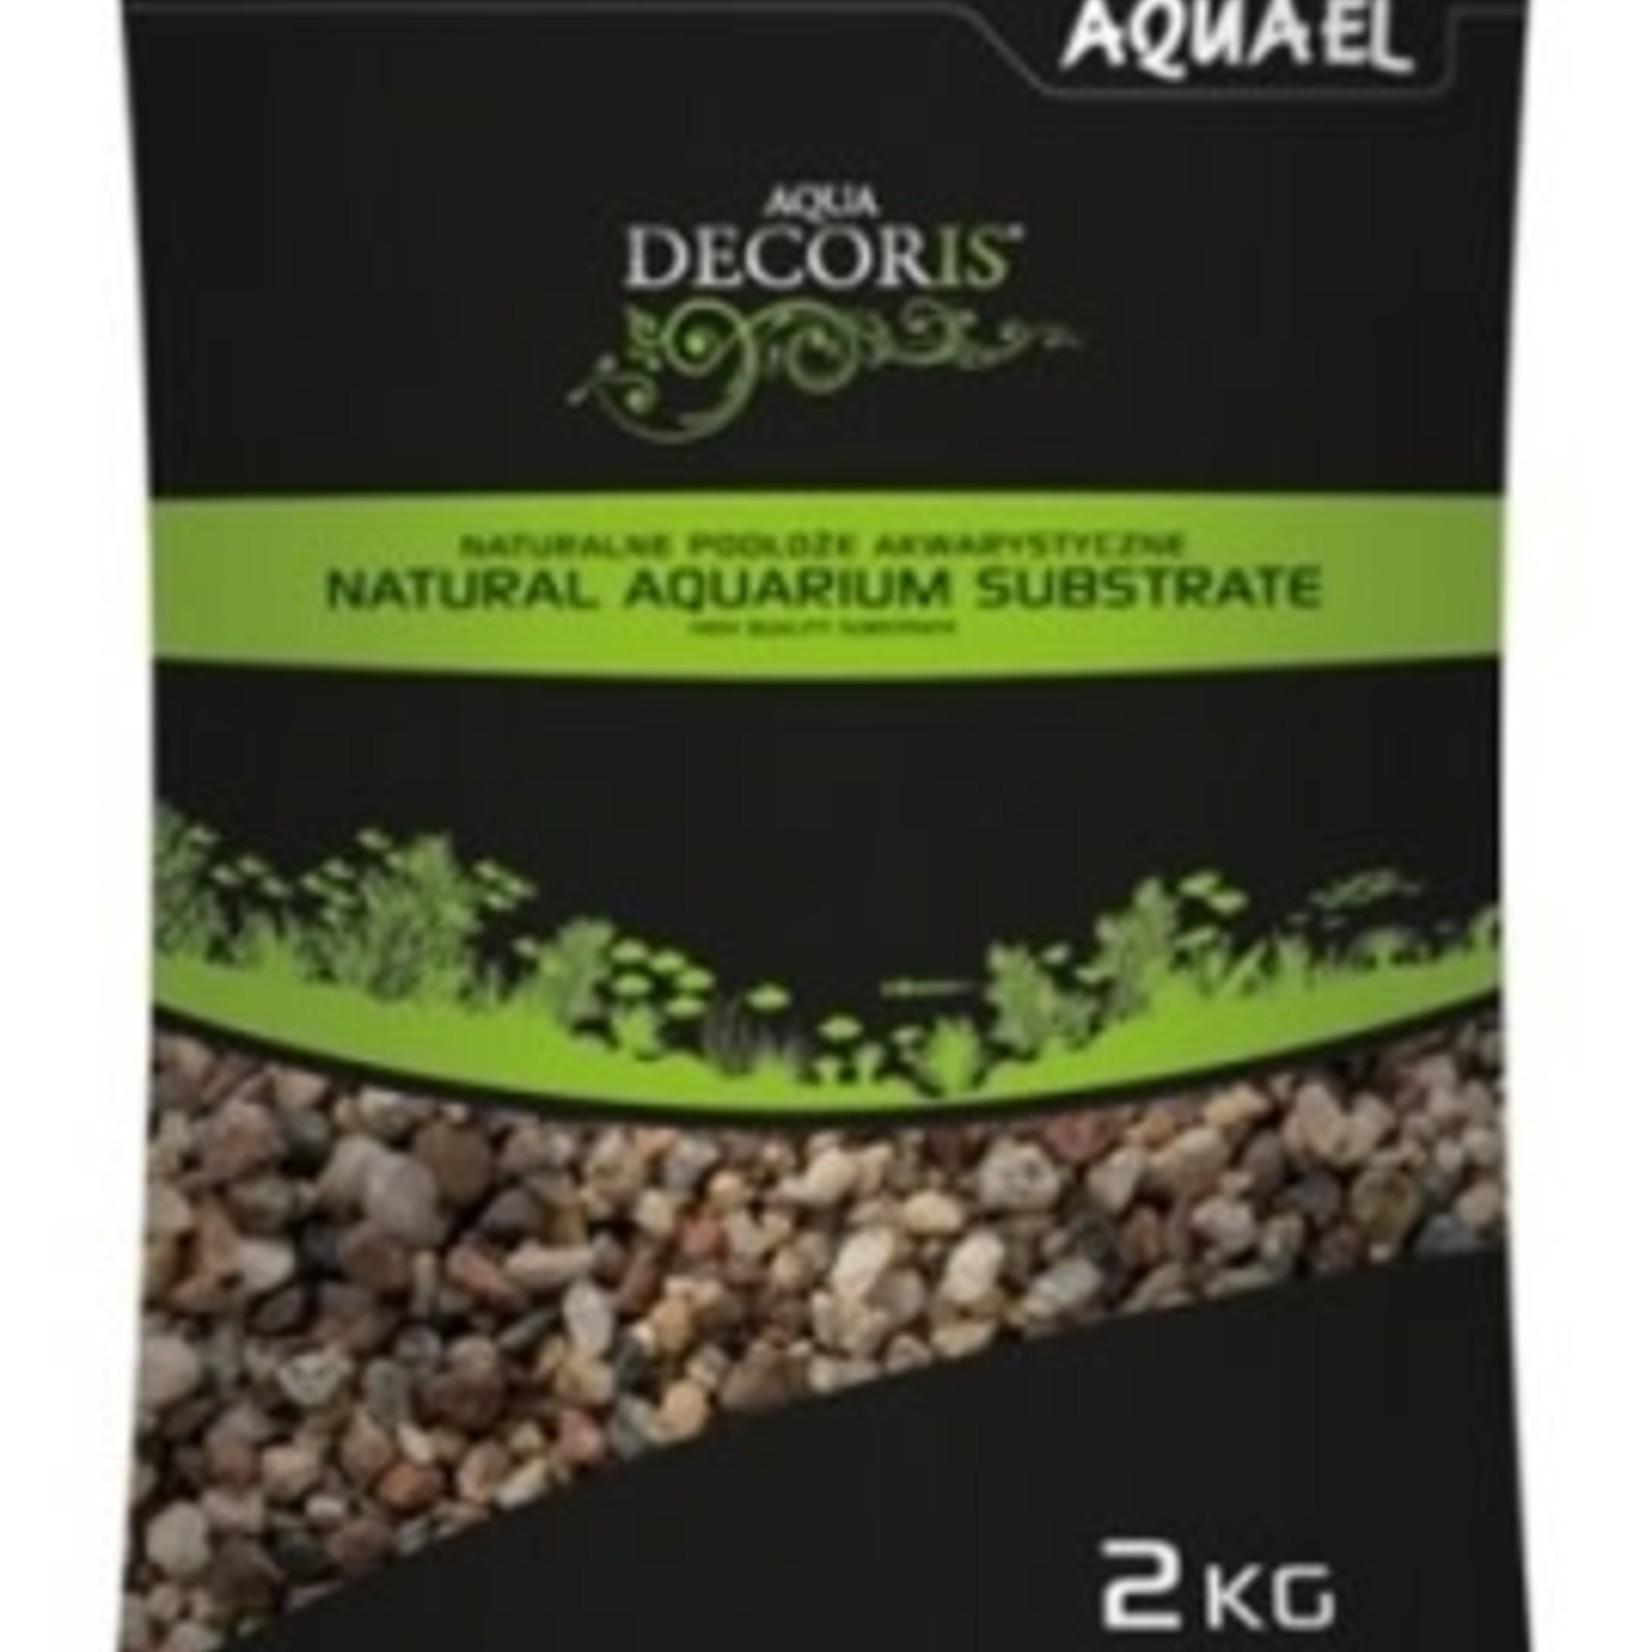 AquaEl Gravier NATUREL MULTICOLORED 2kg